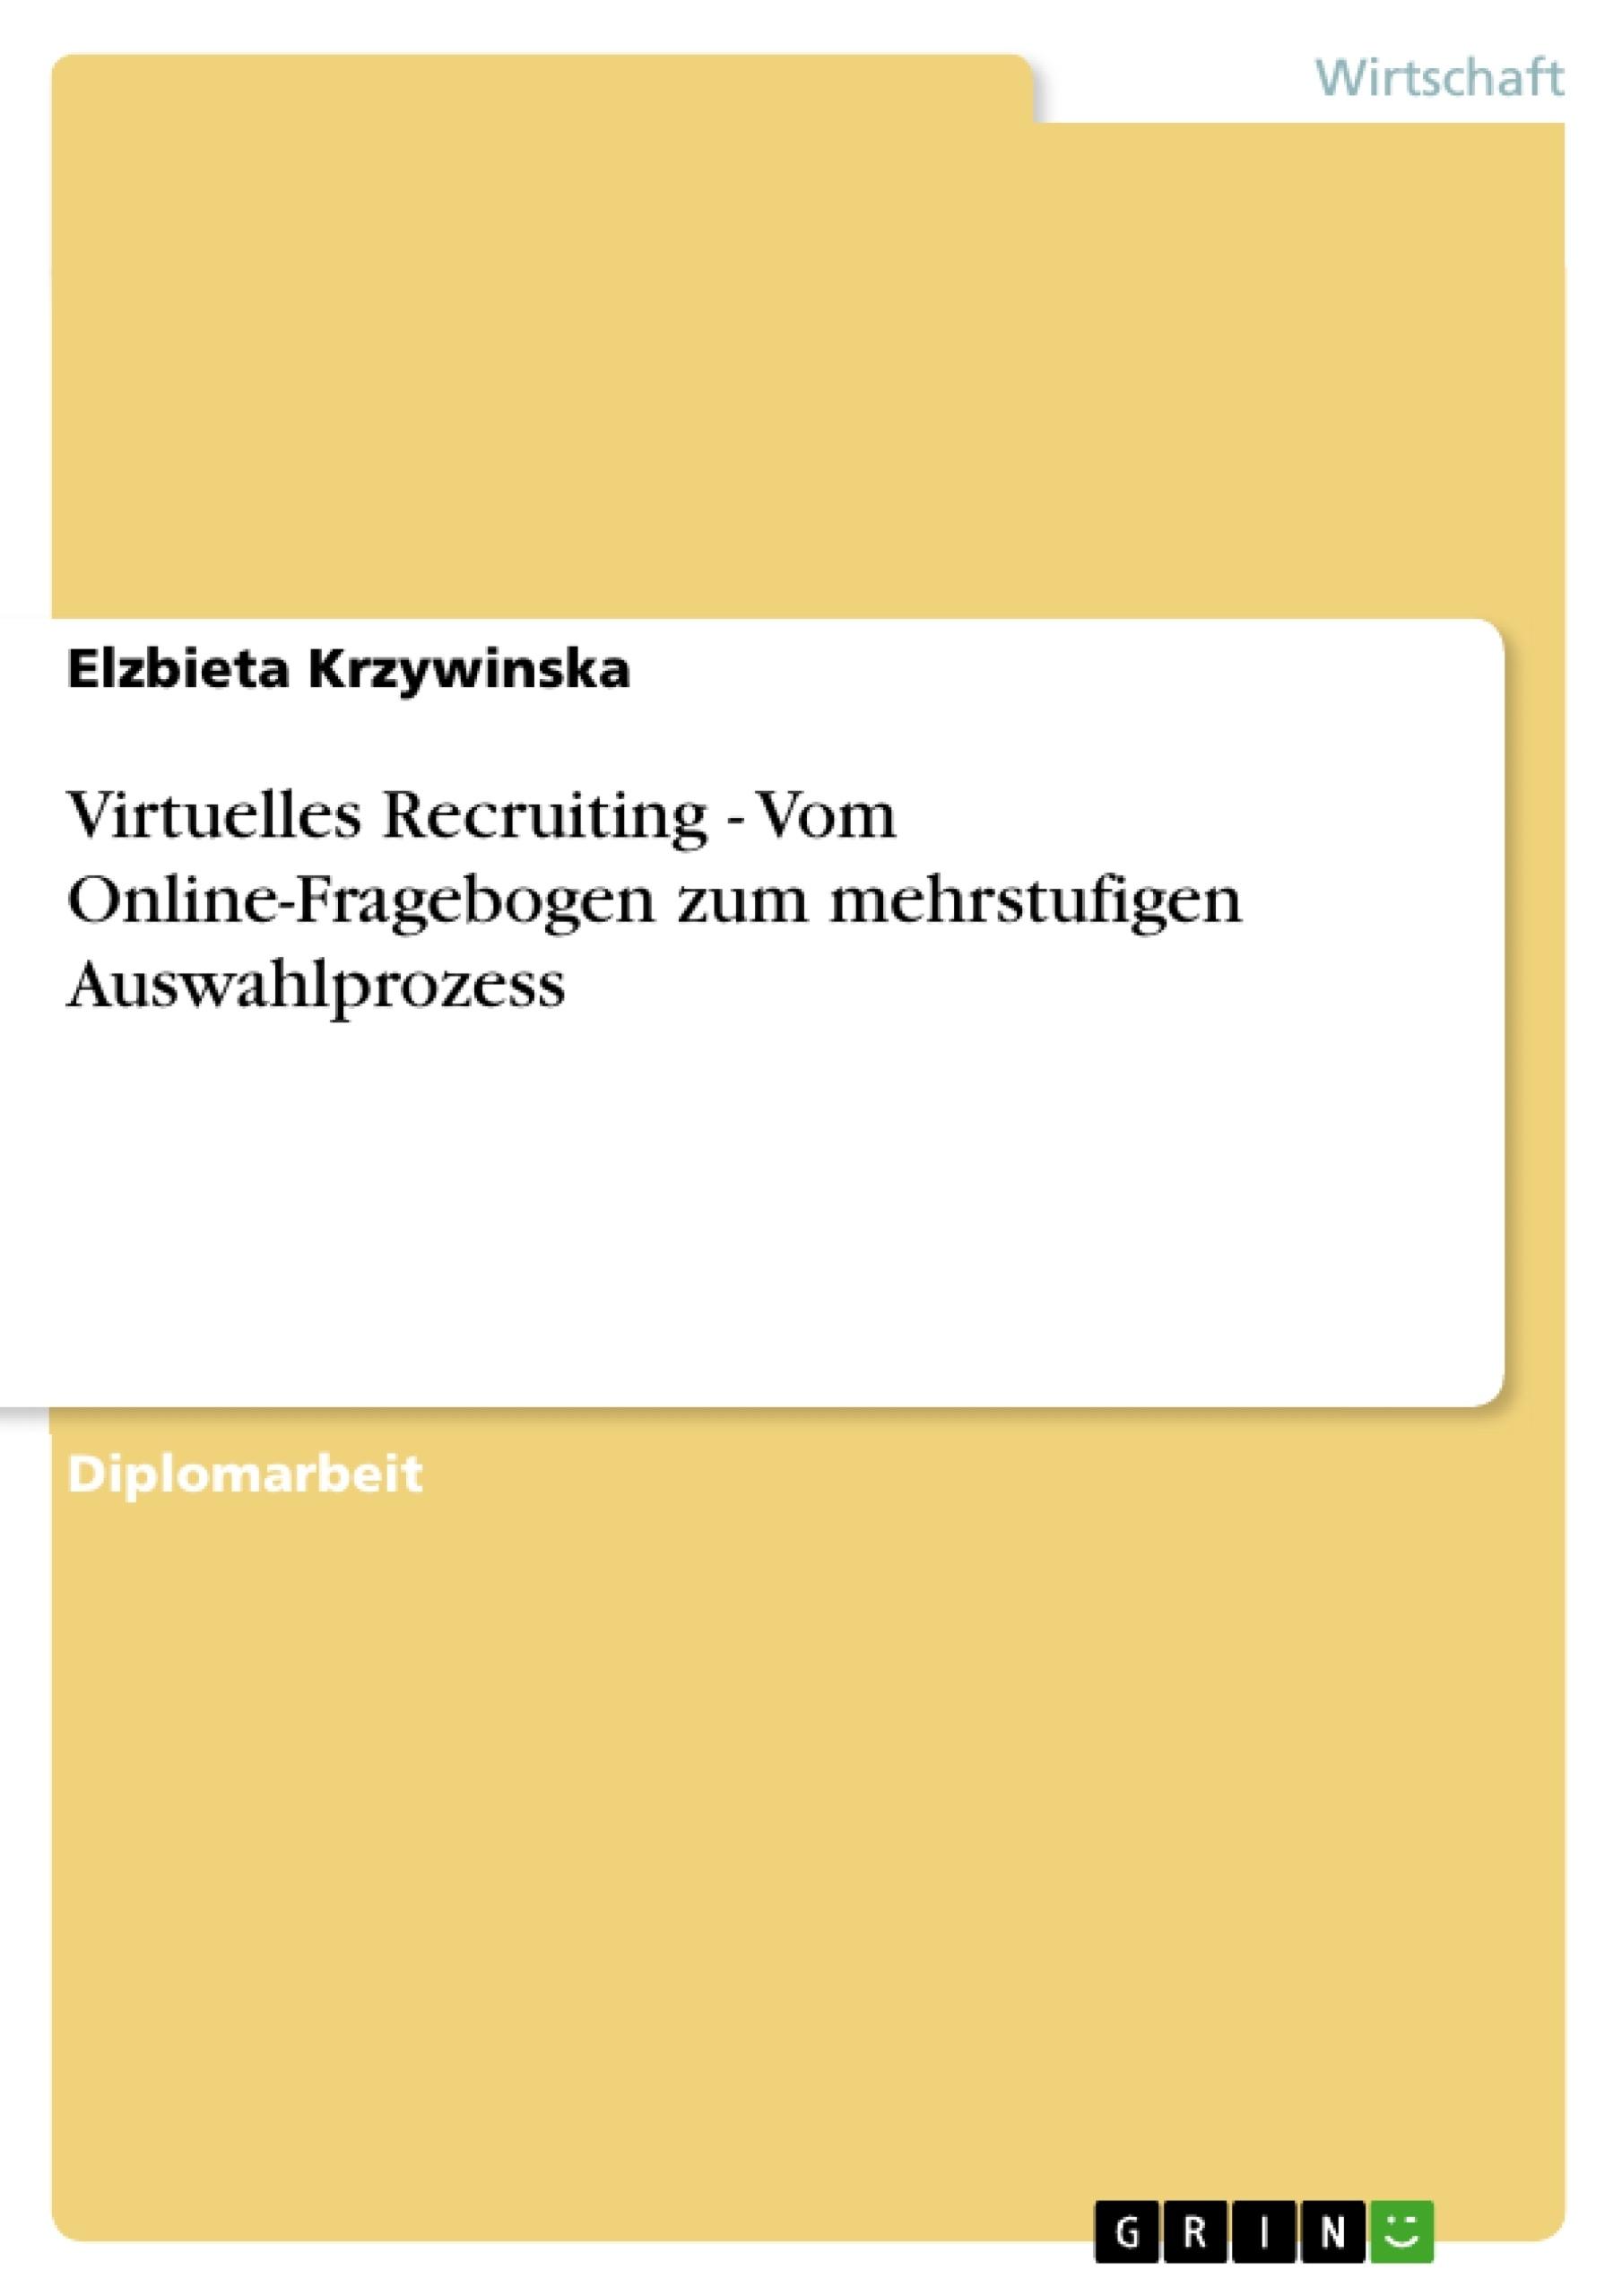 Titel: Virtuelles Recruiting - Vom Online-Fragebogen zum mehrstufigen Auswahlprozess